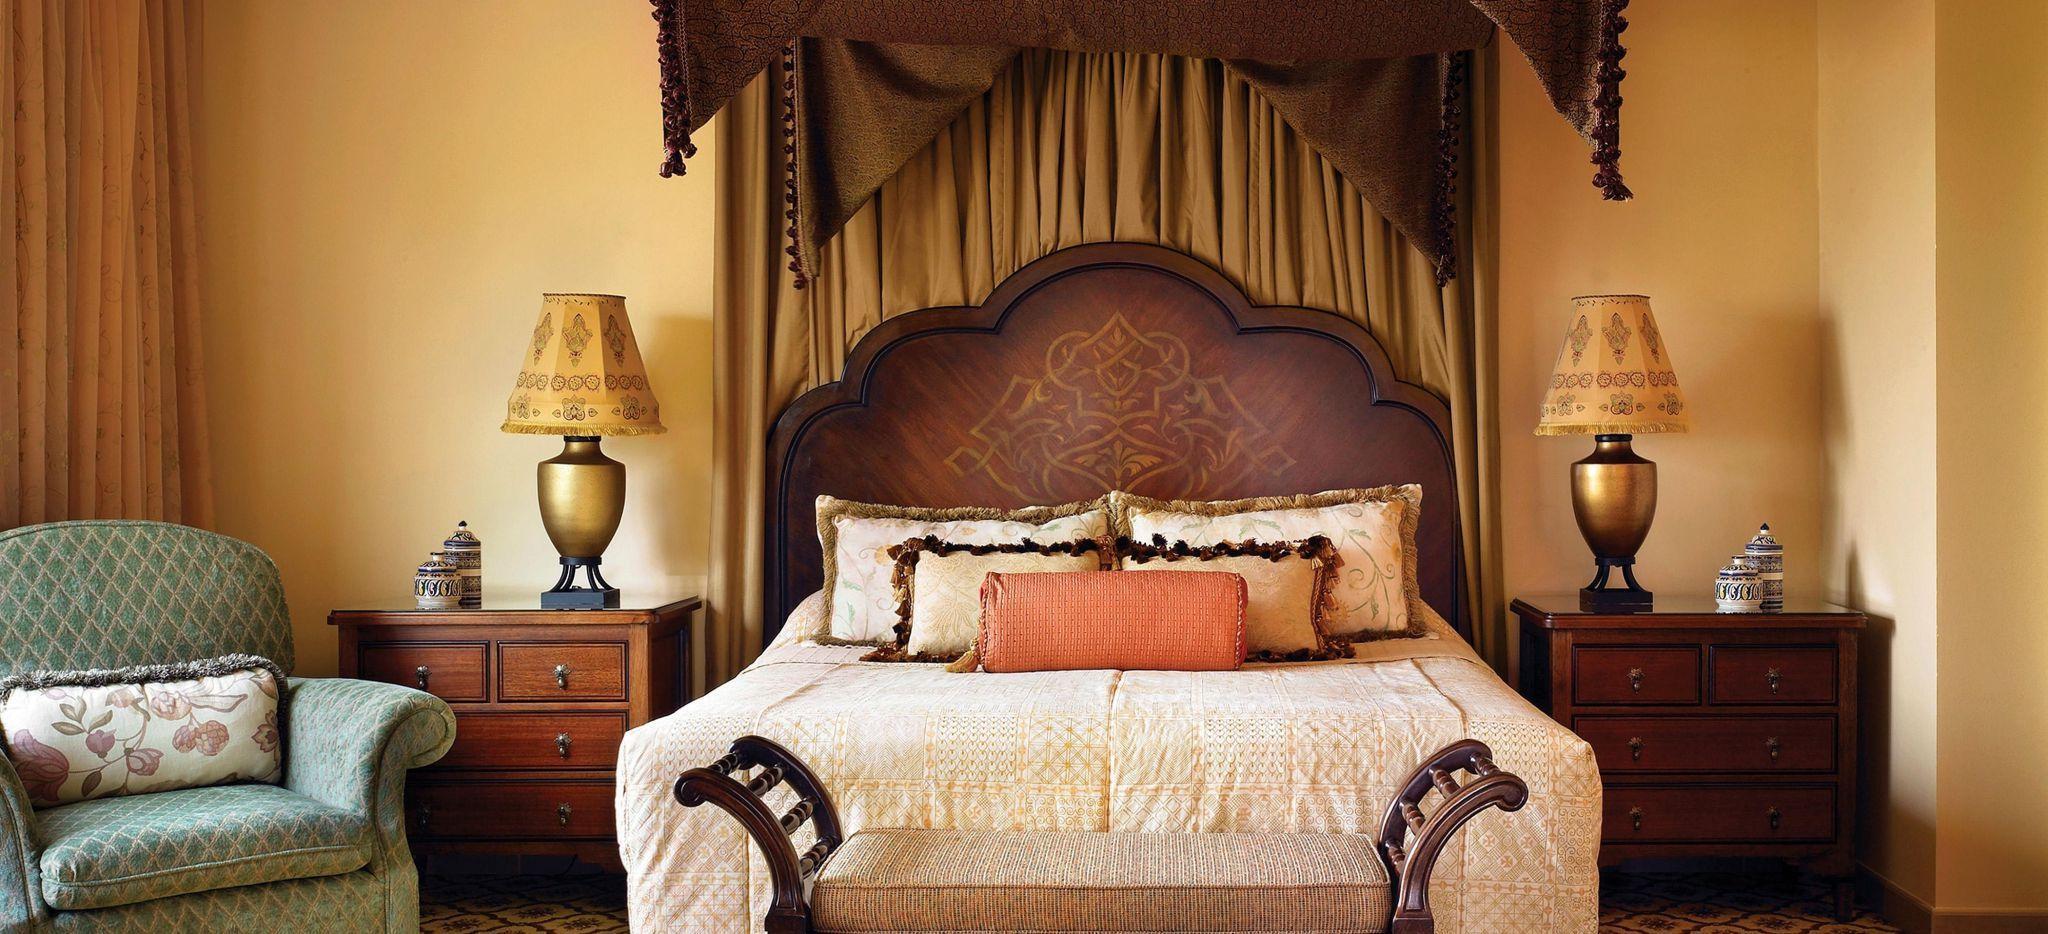 """Hotelzimmer im arabischen Stil im Hotel """"One&Only Royal Mirage"""""""